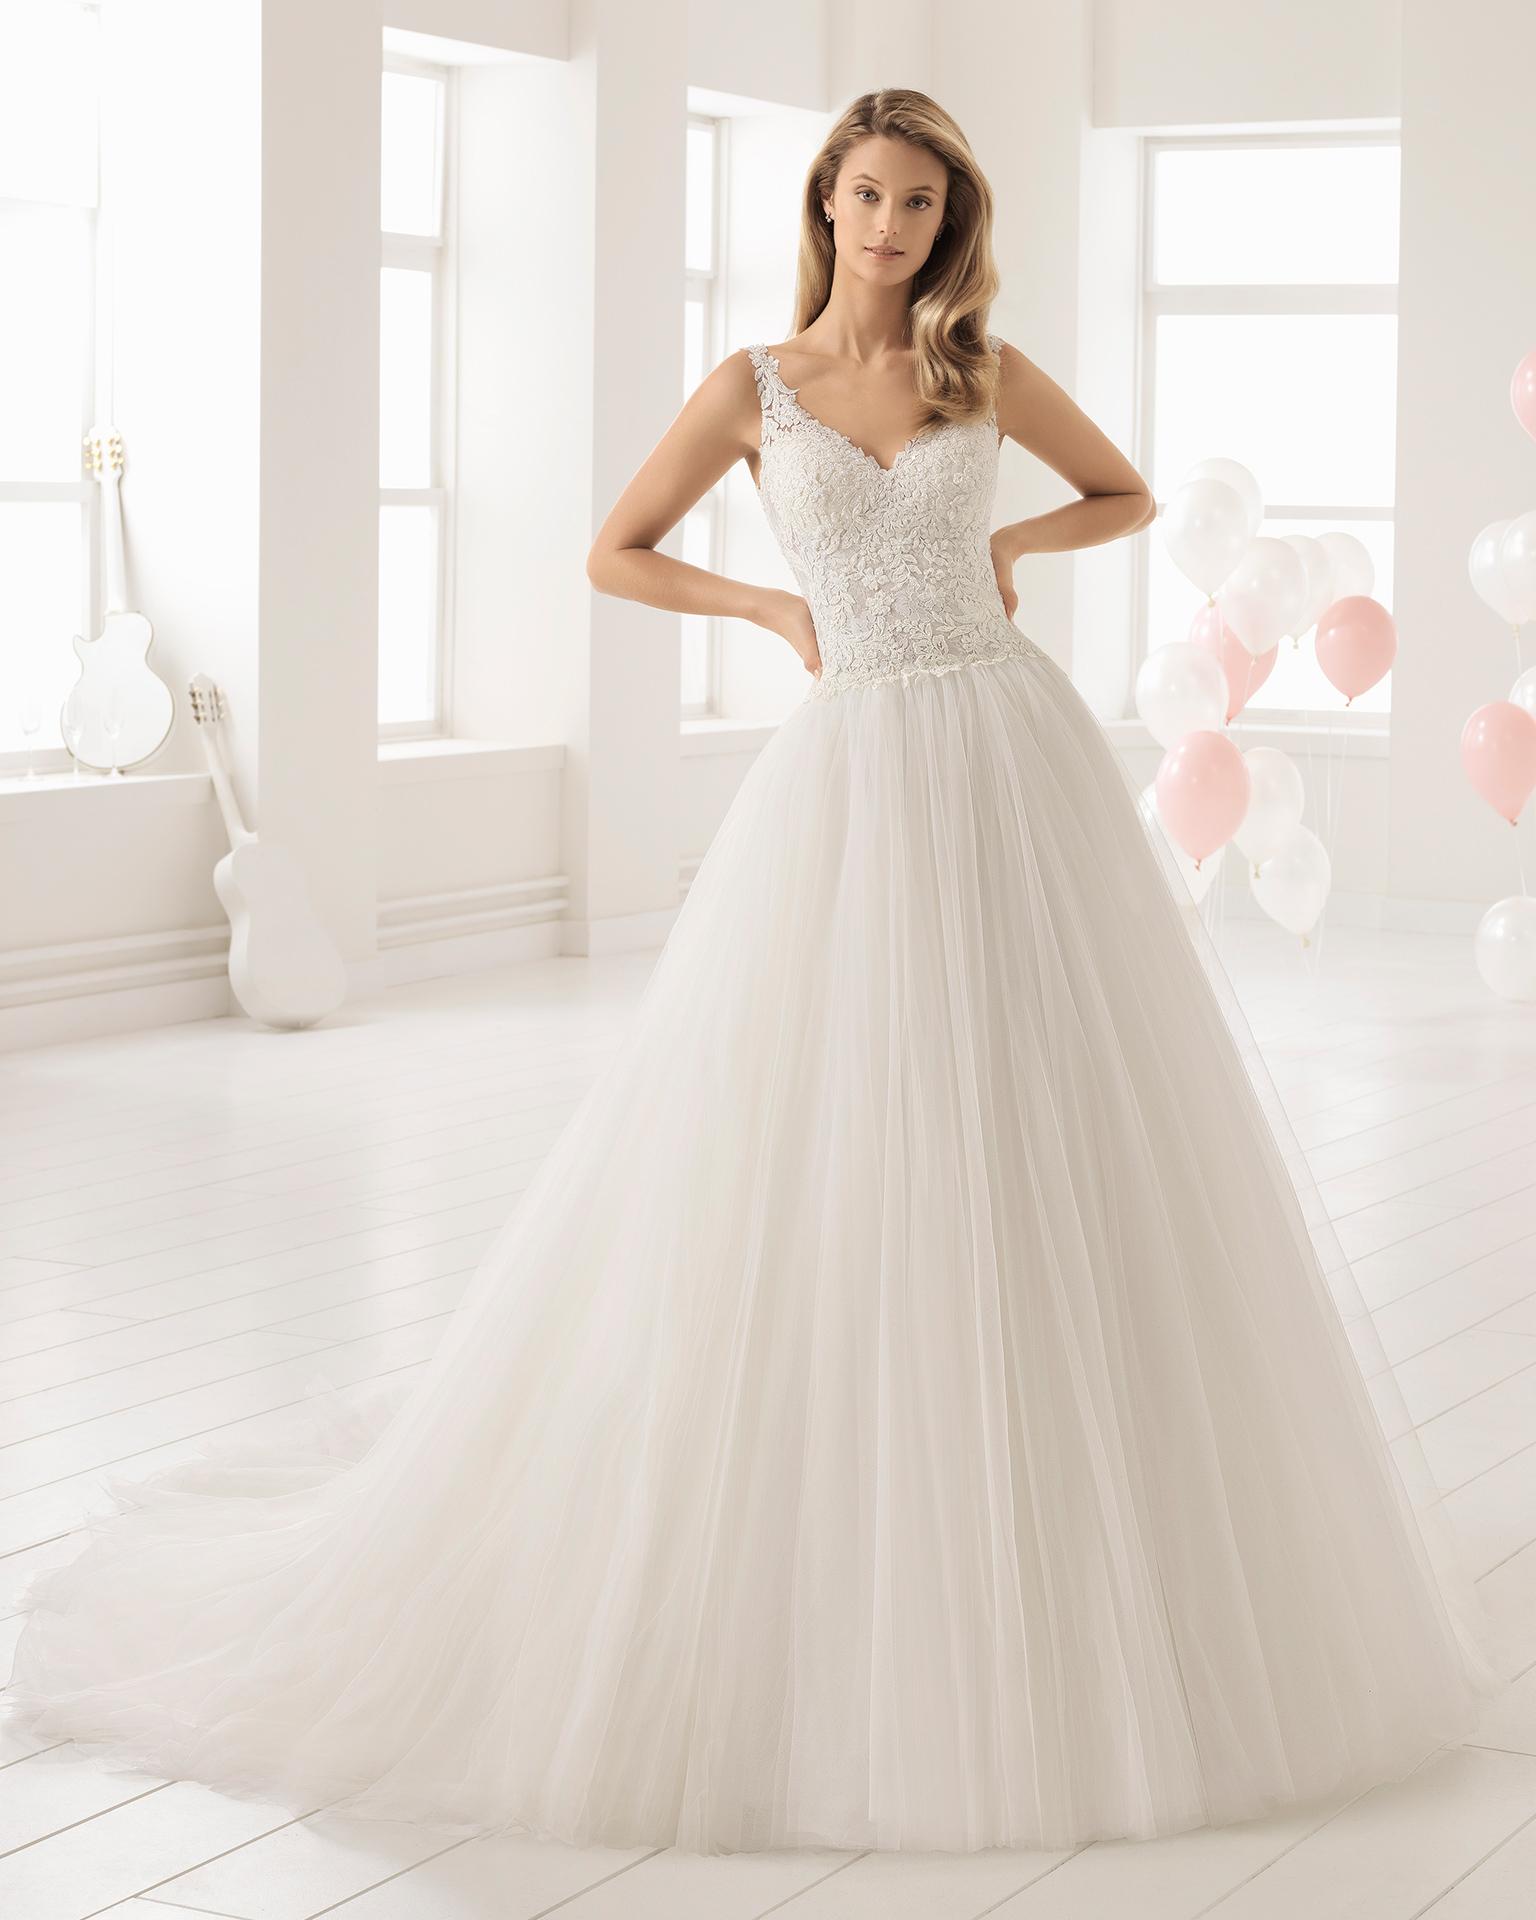 Vestido de novia estilo línea A en tul, encaje transparente y pedreria, con escote V en color natural y en rosé.